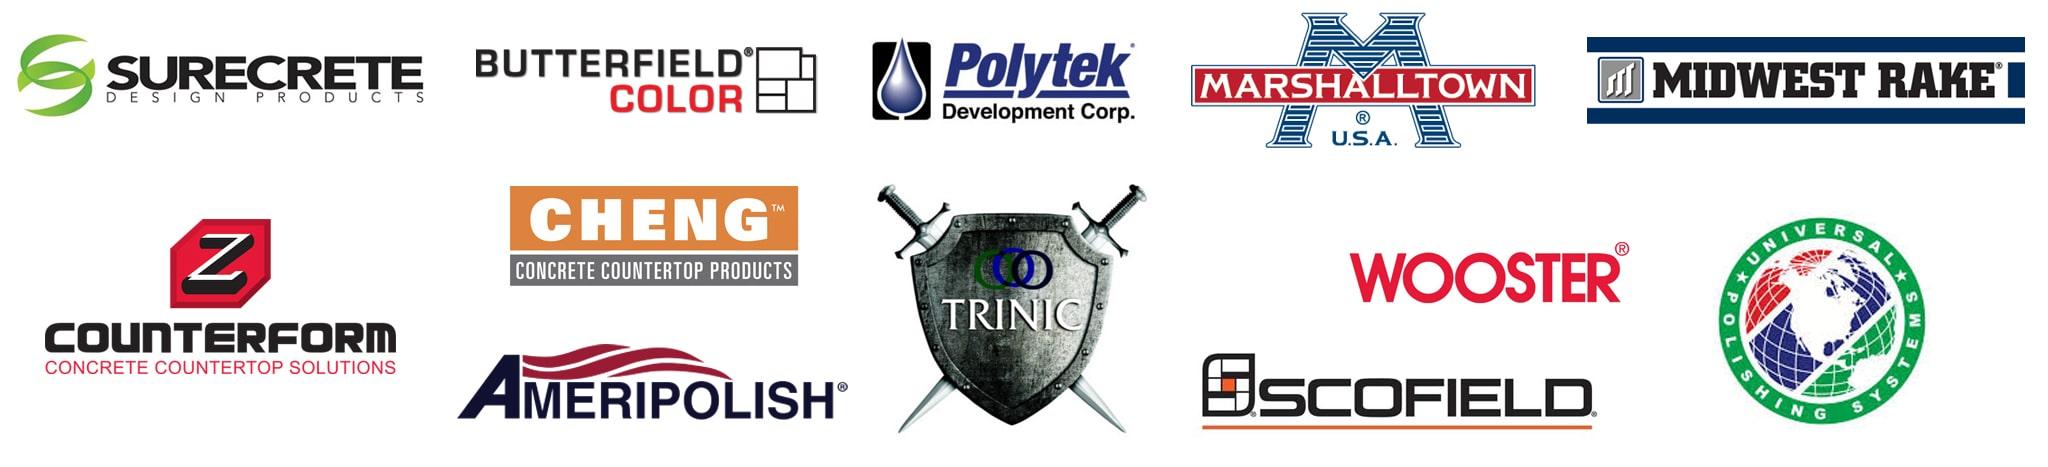 top-brands-in-stock